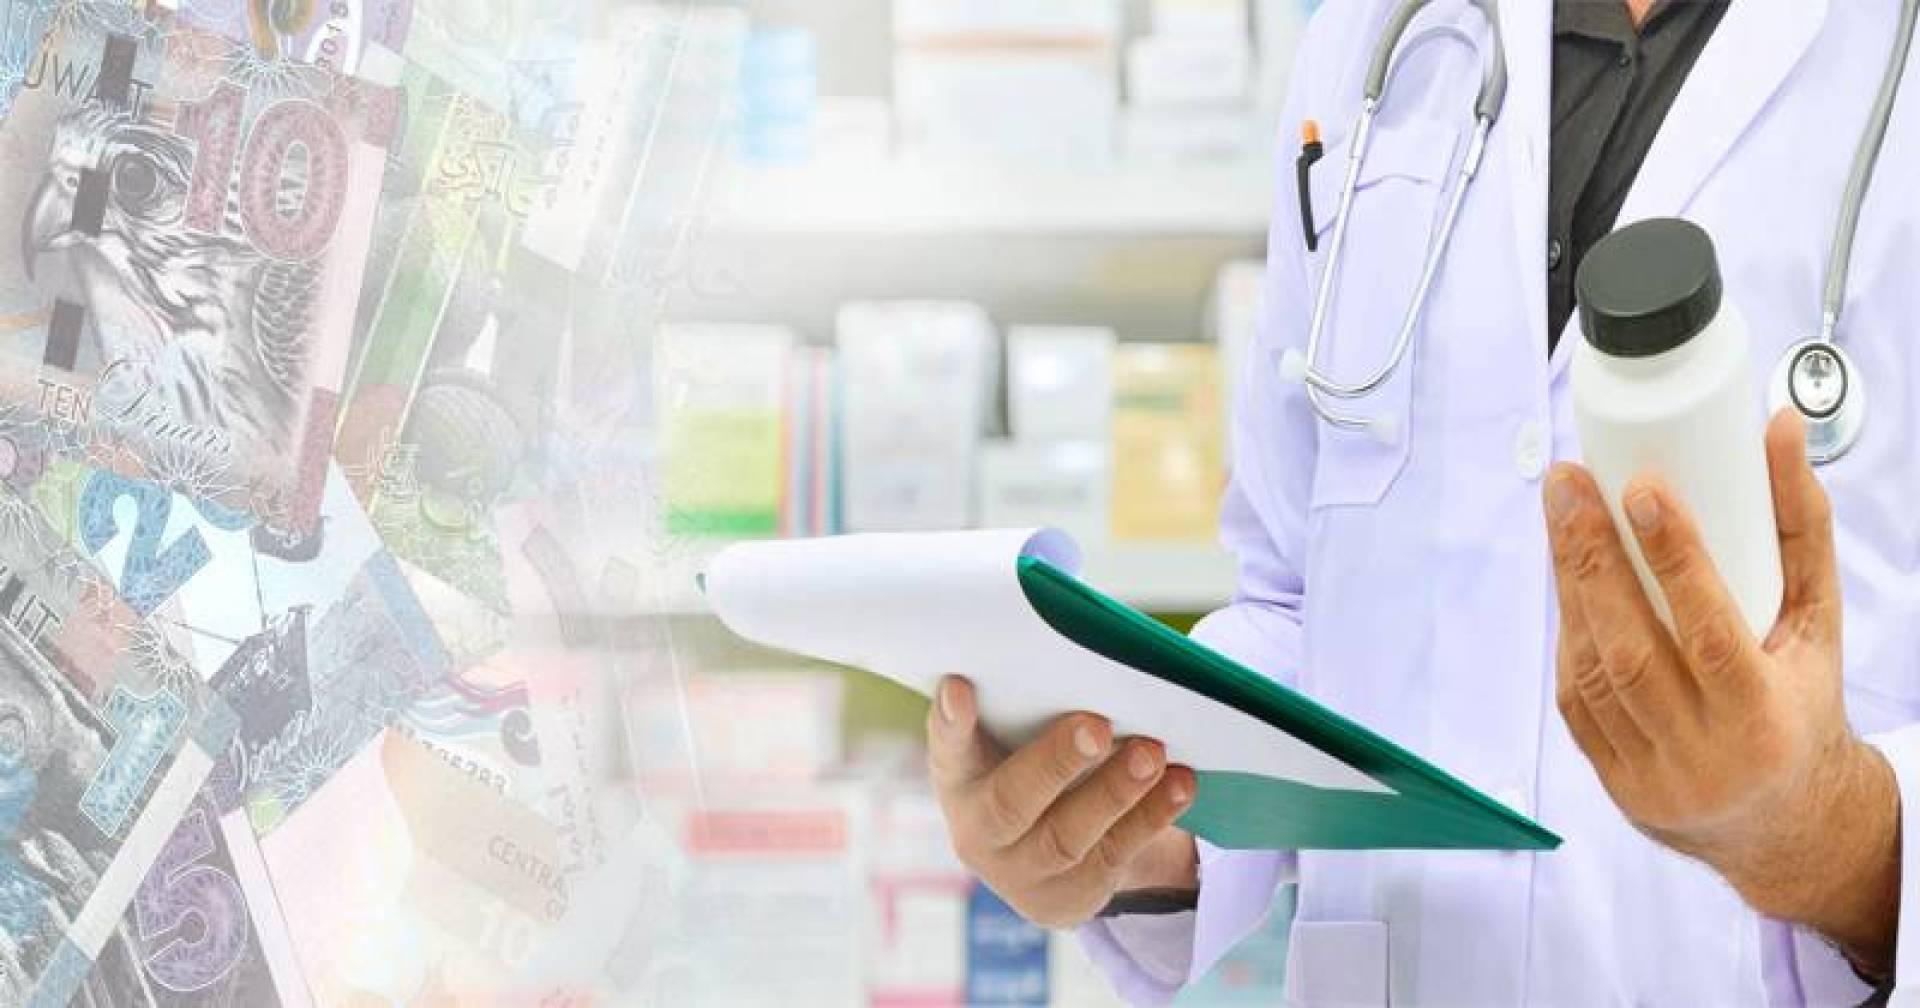 دراسة: الأطباء يجهلون أسعار 78% من الأدوية!